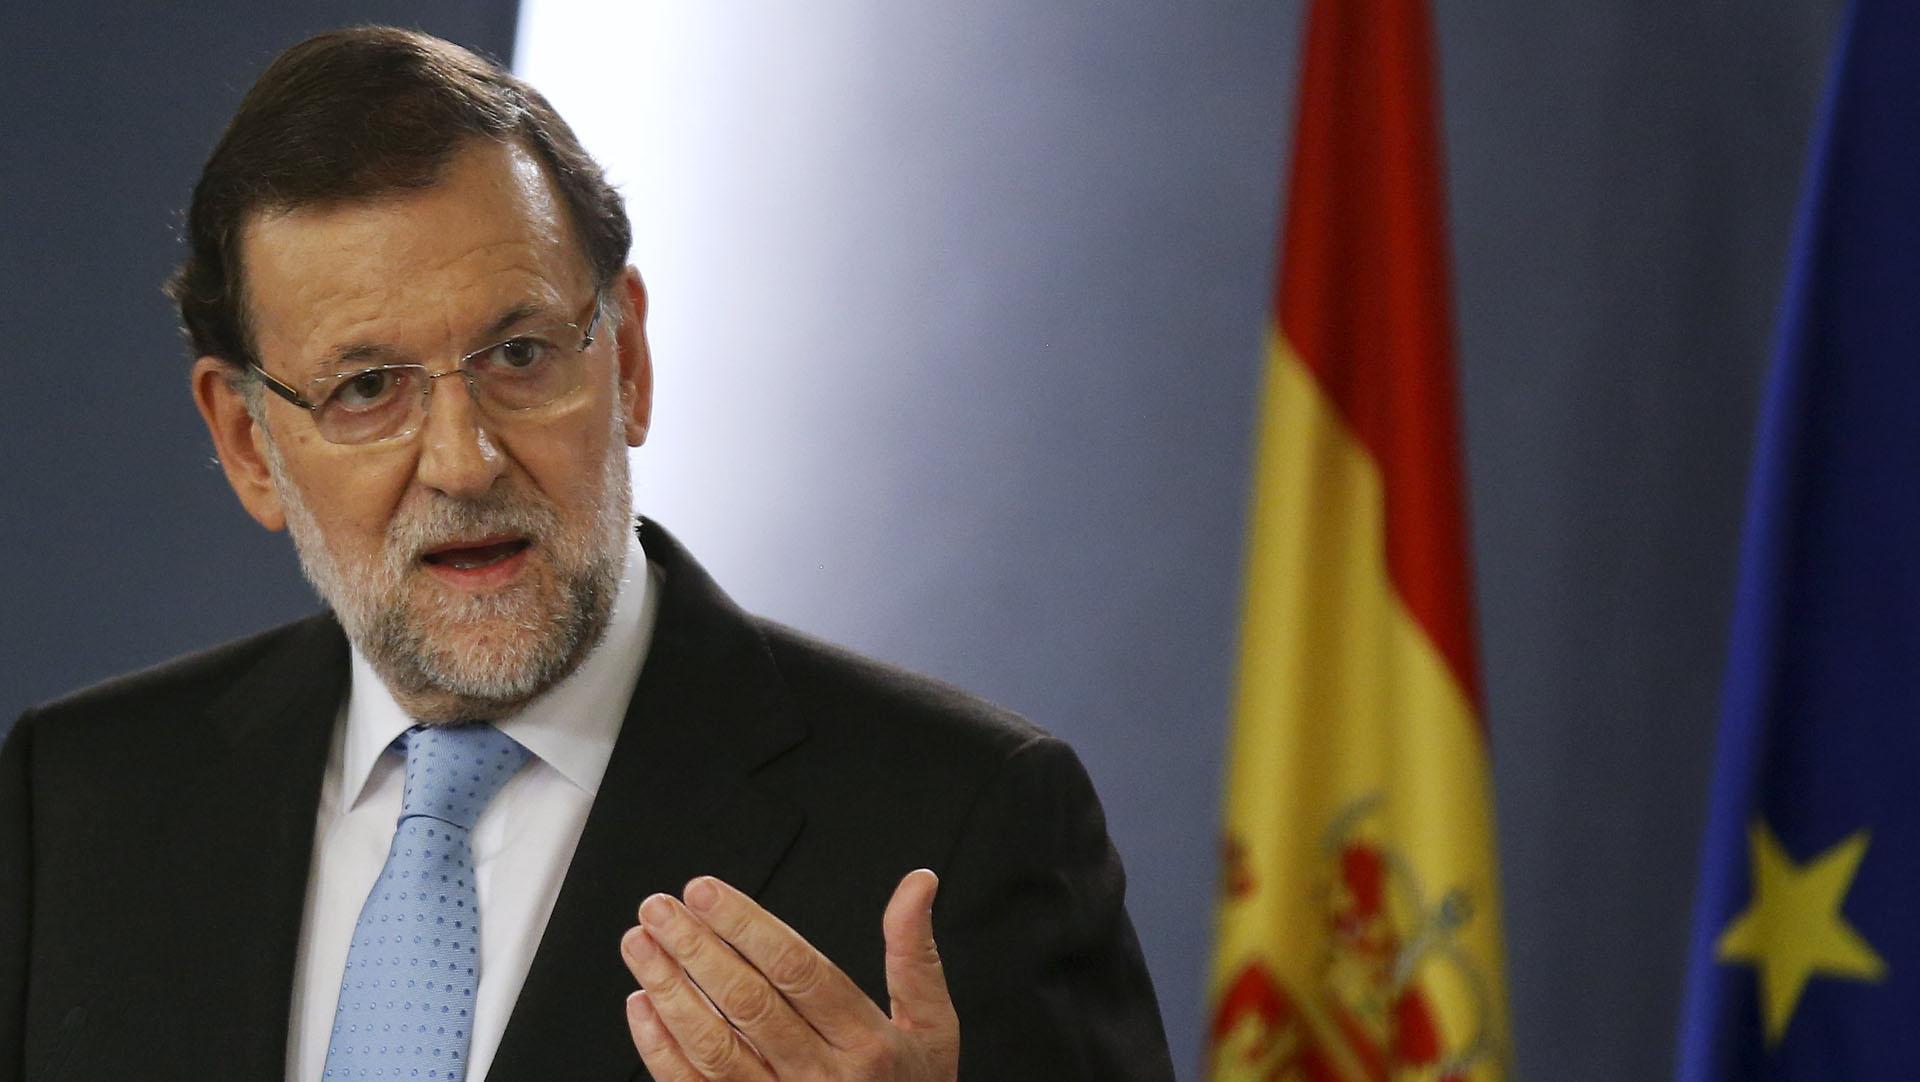 El acuerdo del Parlamento catalán será suspendido automáticamente durante un máximo de cinco meses